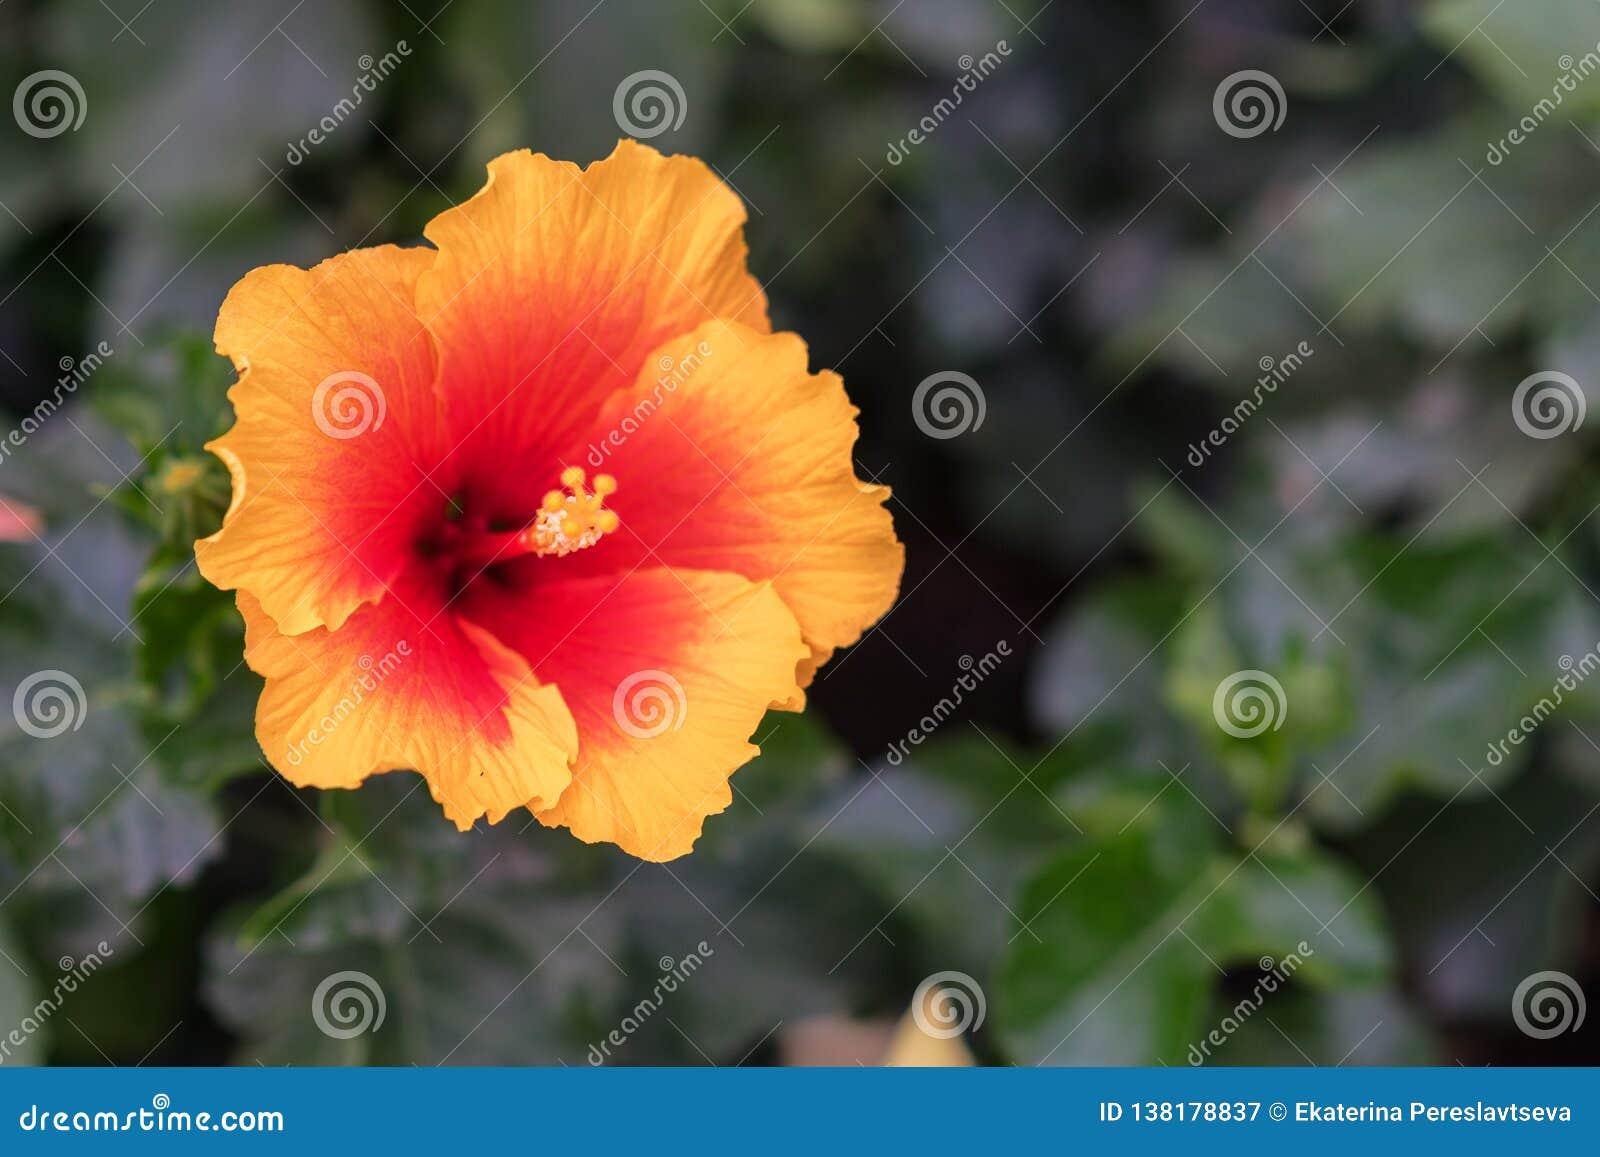 Chińczyk wzrastał, także dzwoni poślubnik, należy rodzina Malvaceae